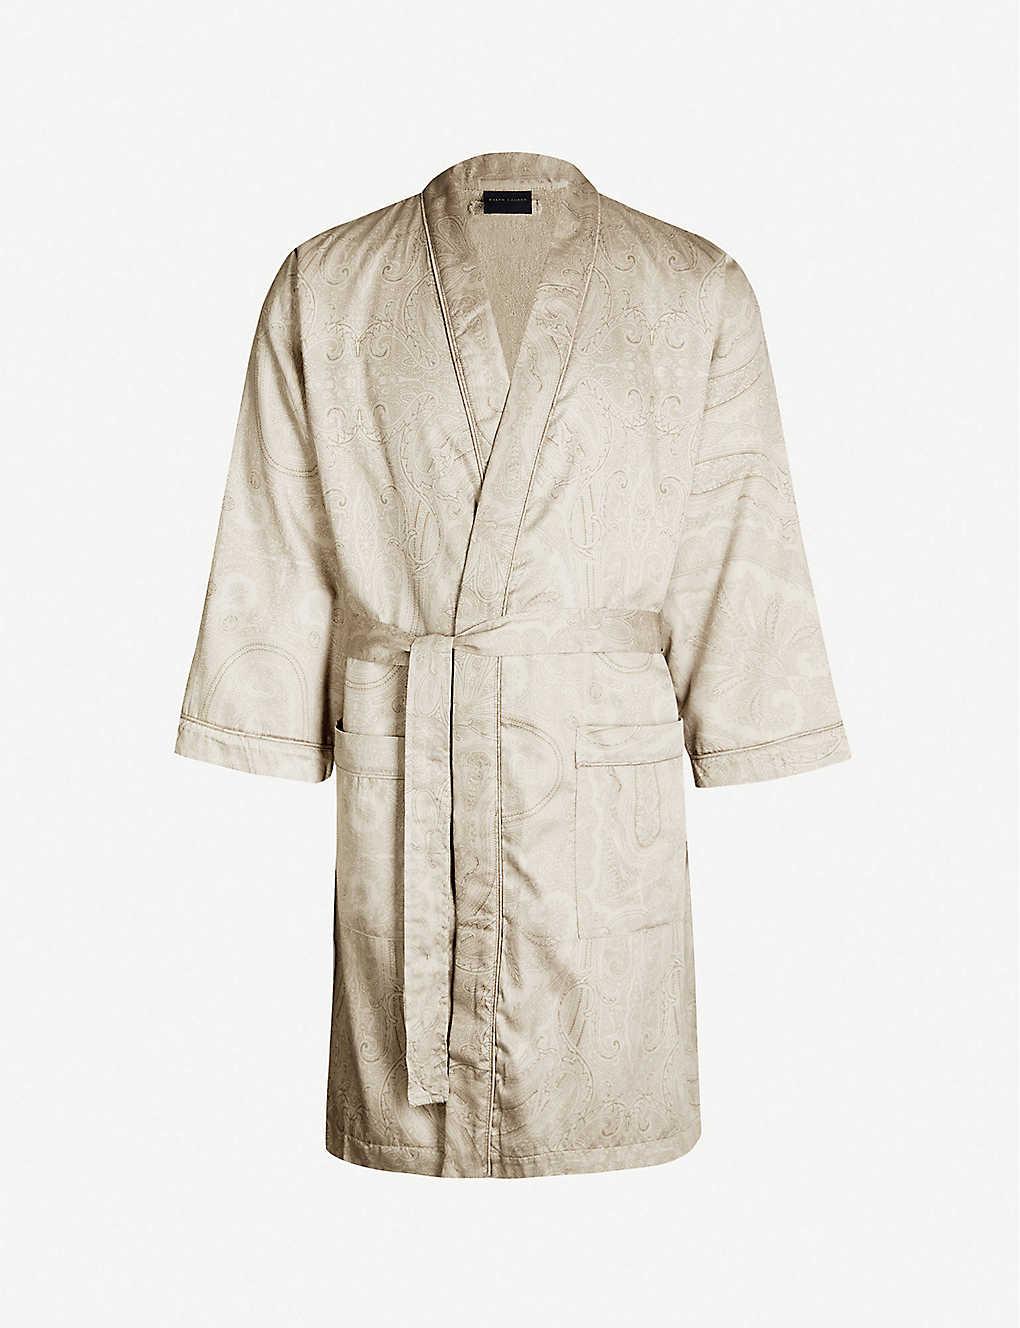 42d4fa816 RALPH LAUREN HOME - Doncaster cotton bathrobe